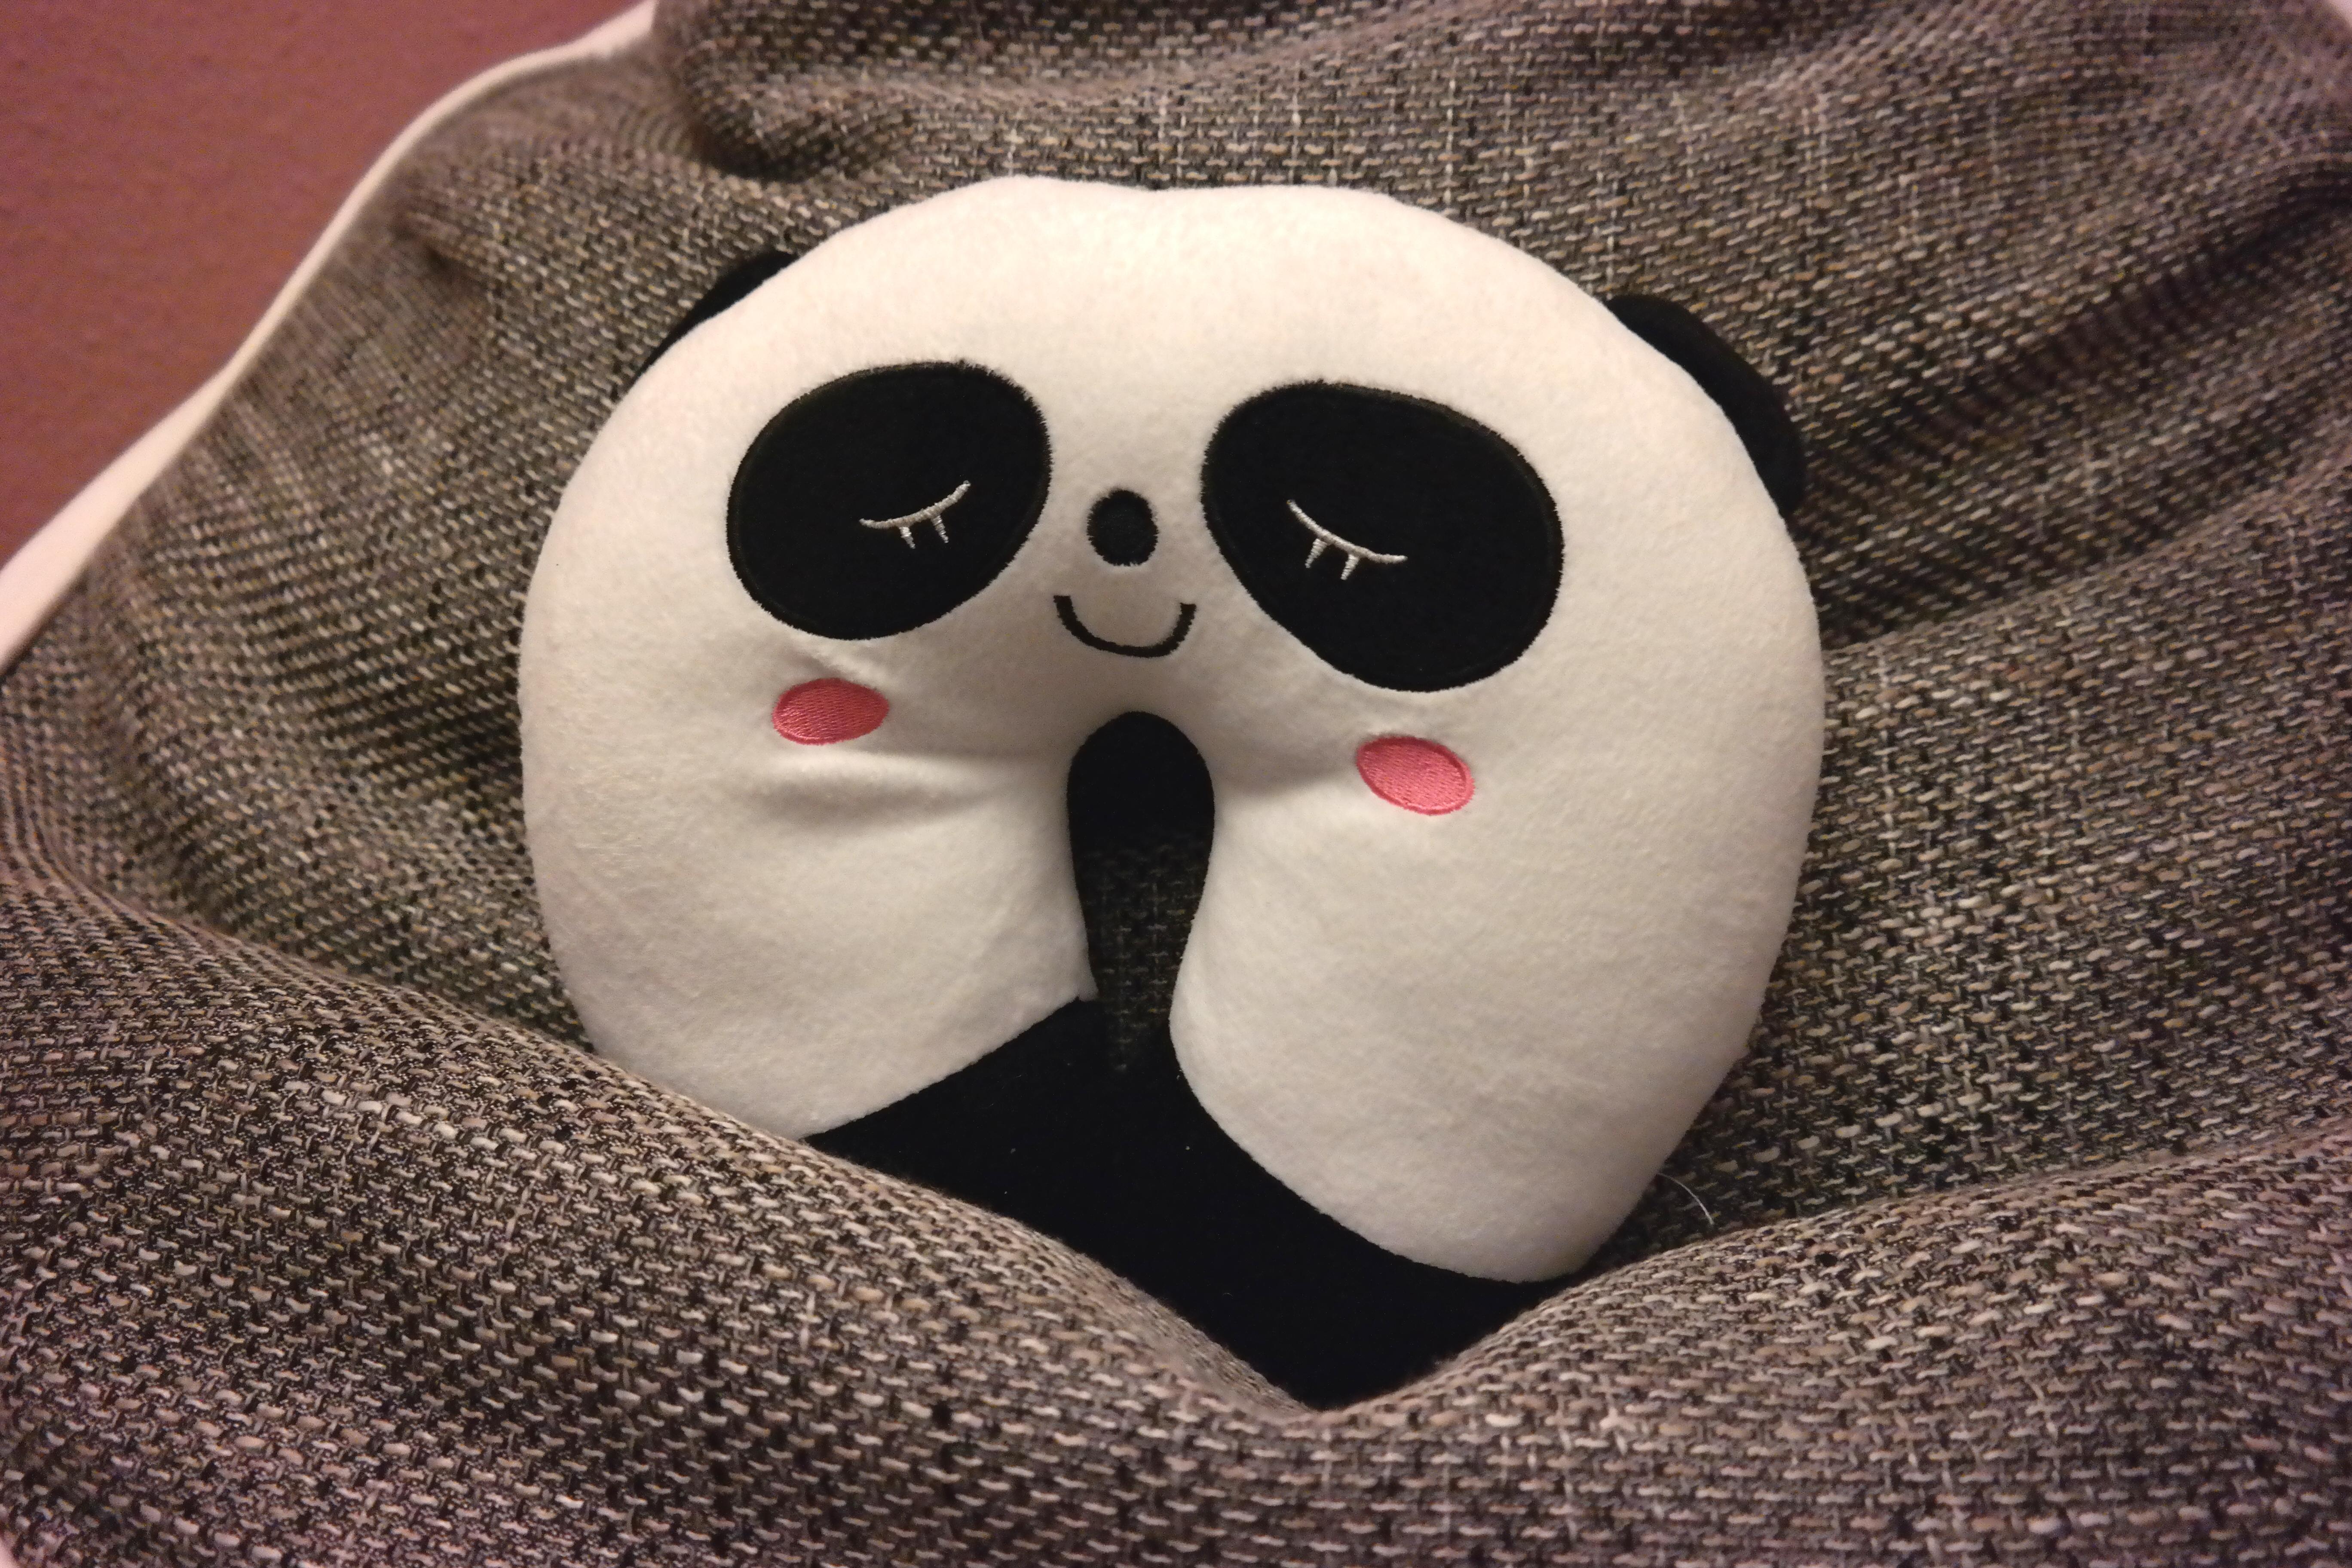 Best Travel Pillow - Design